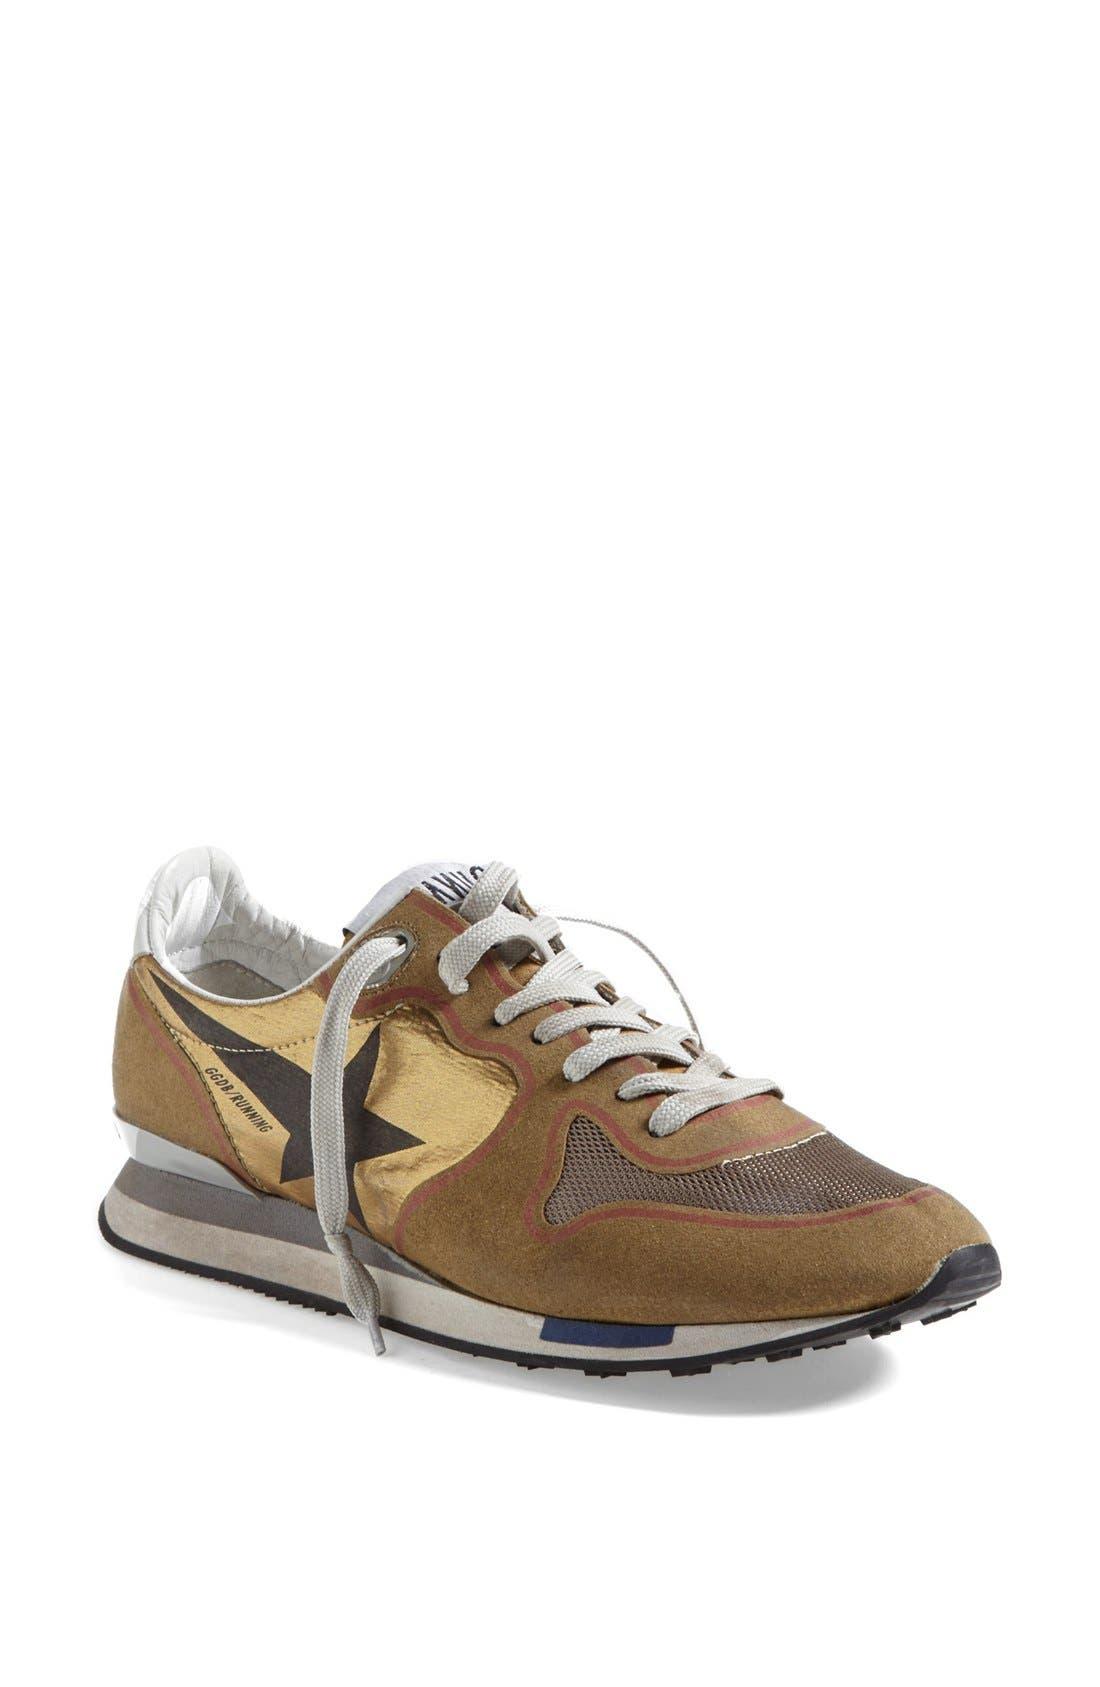 Alternate Image 1 Selected - Golden Goose Running Sneaker